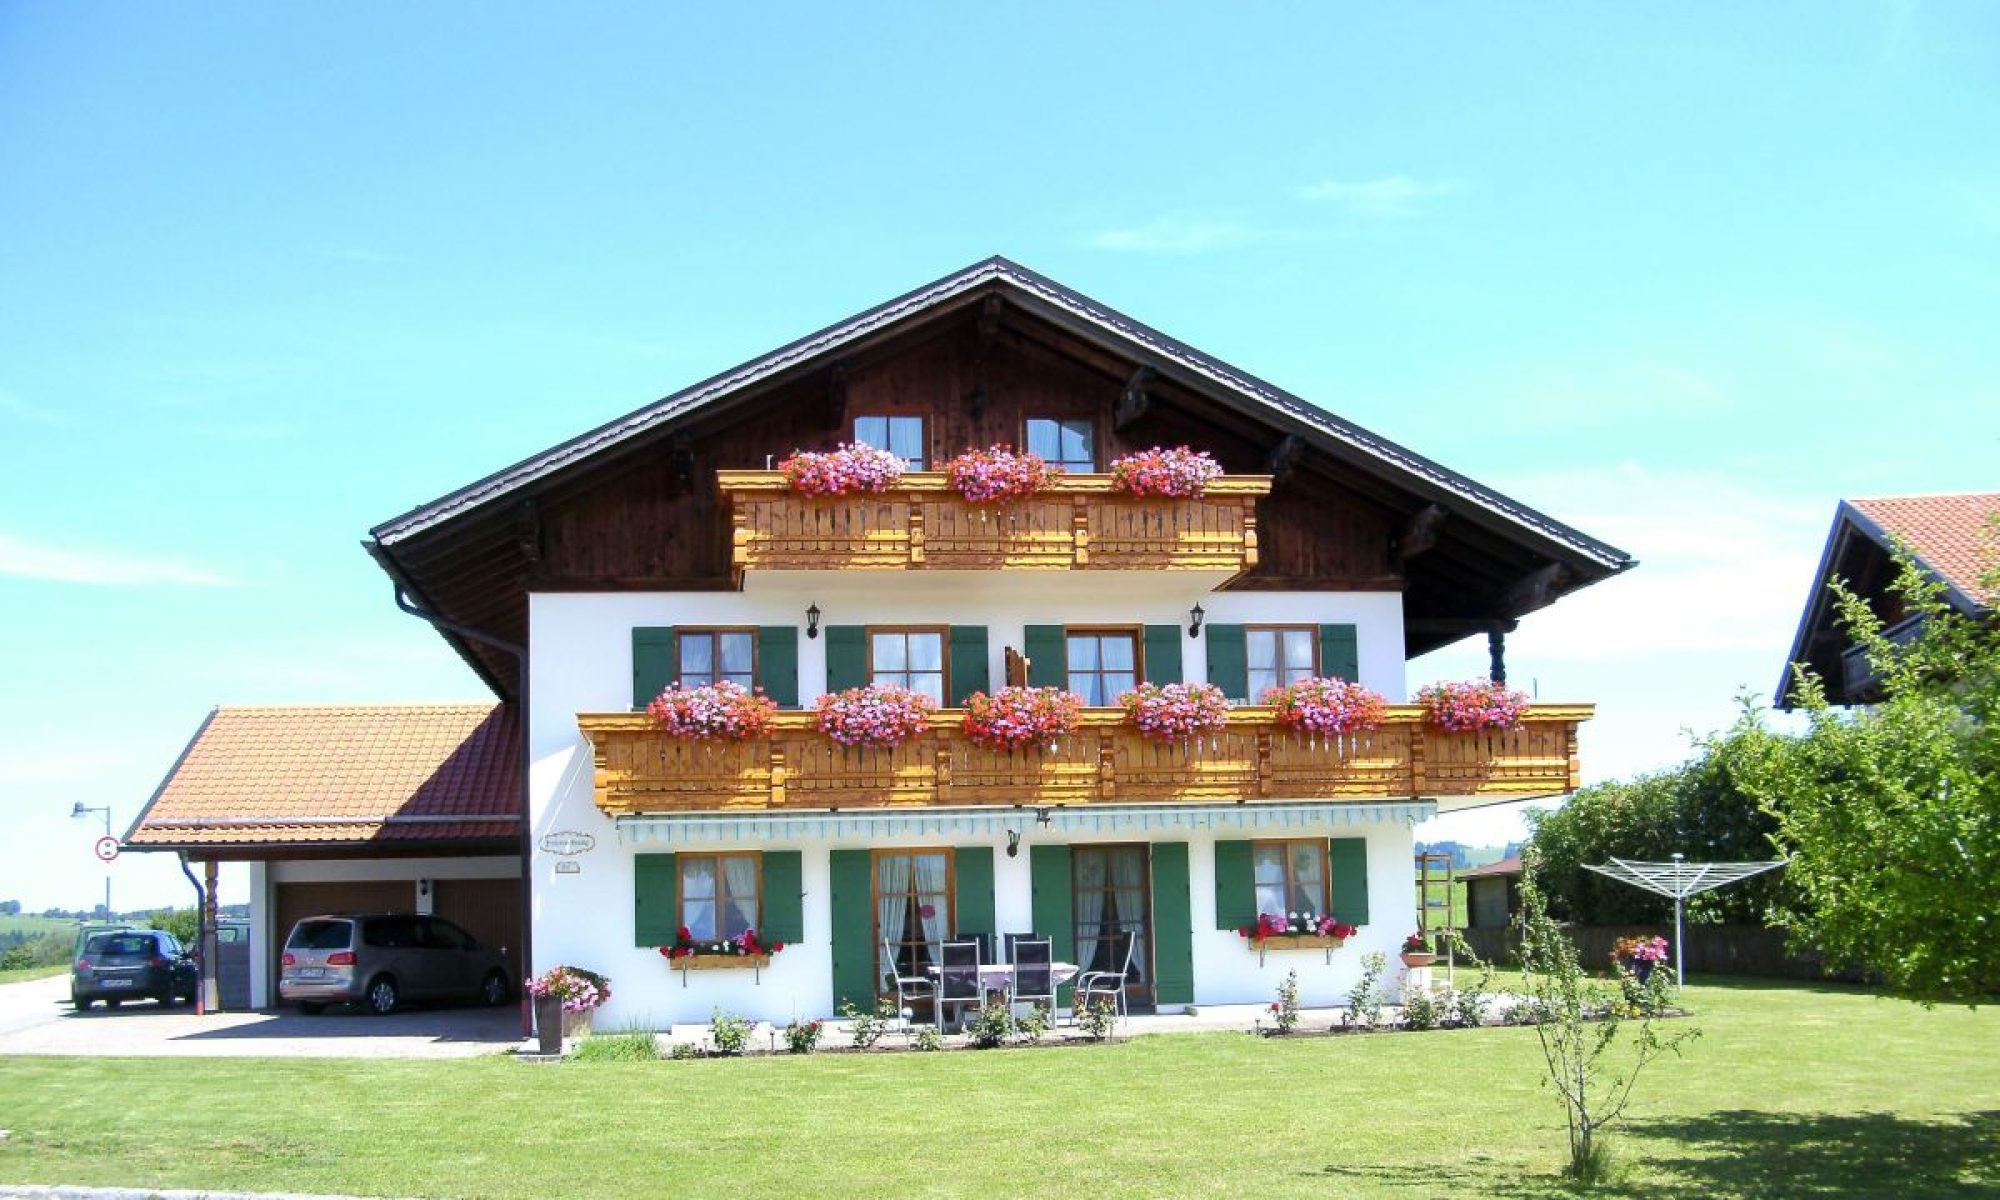 Gästehaus Waldemar Hennebach